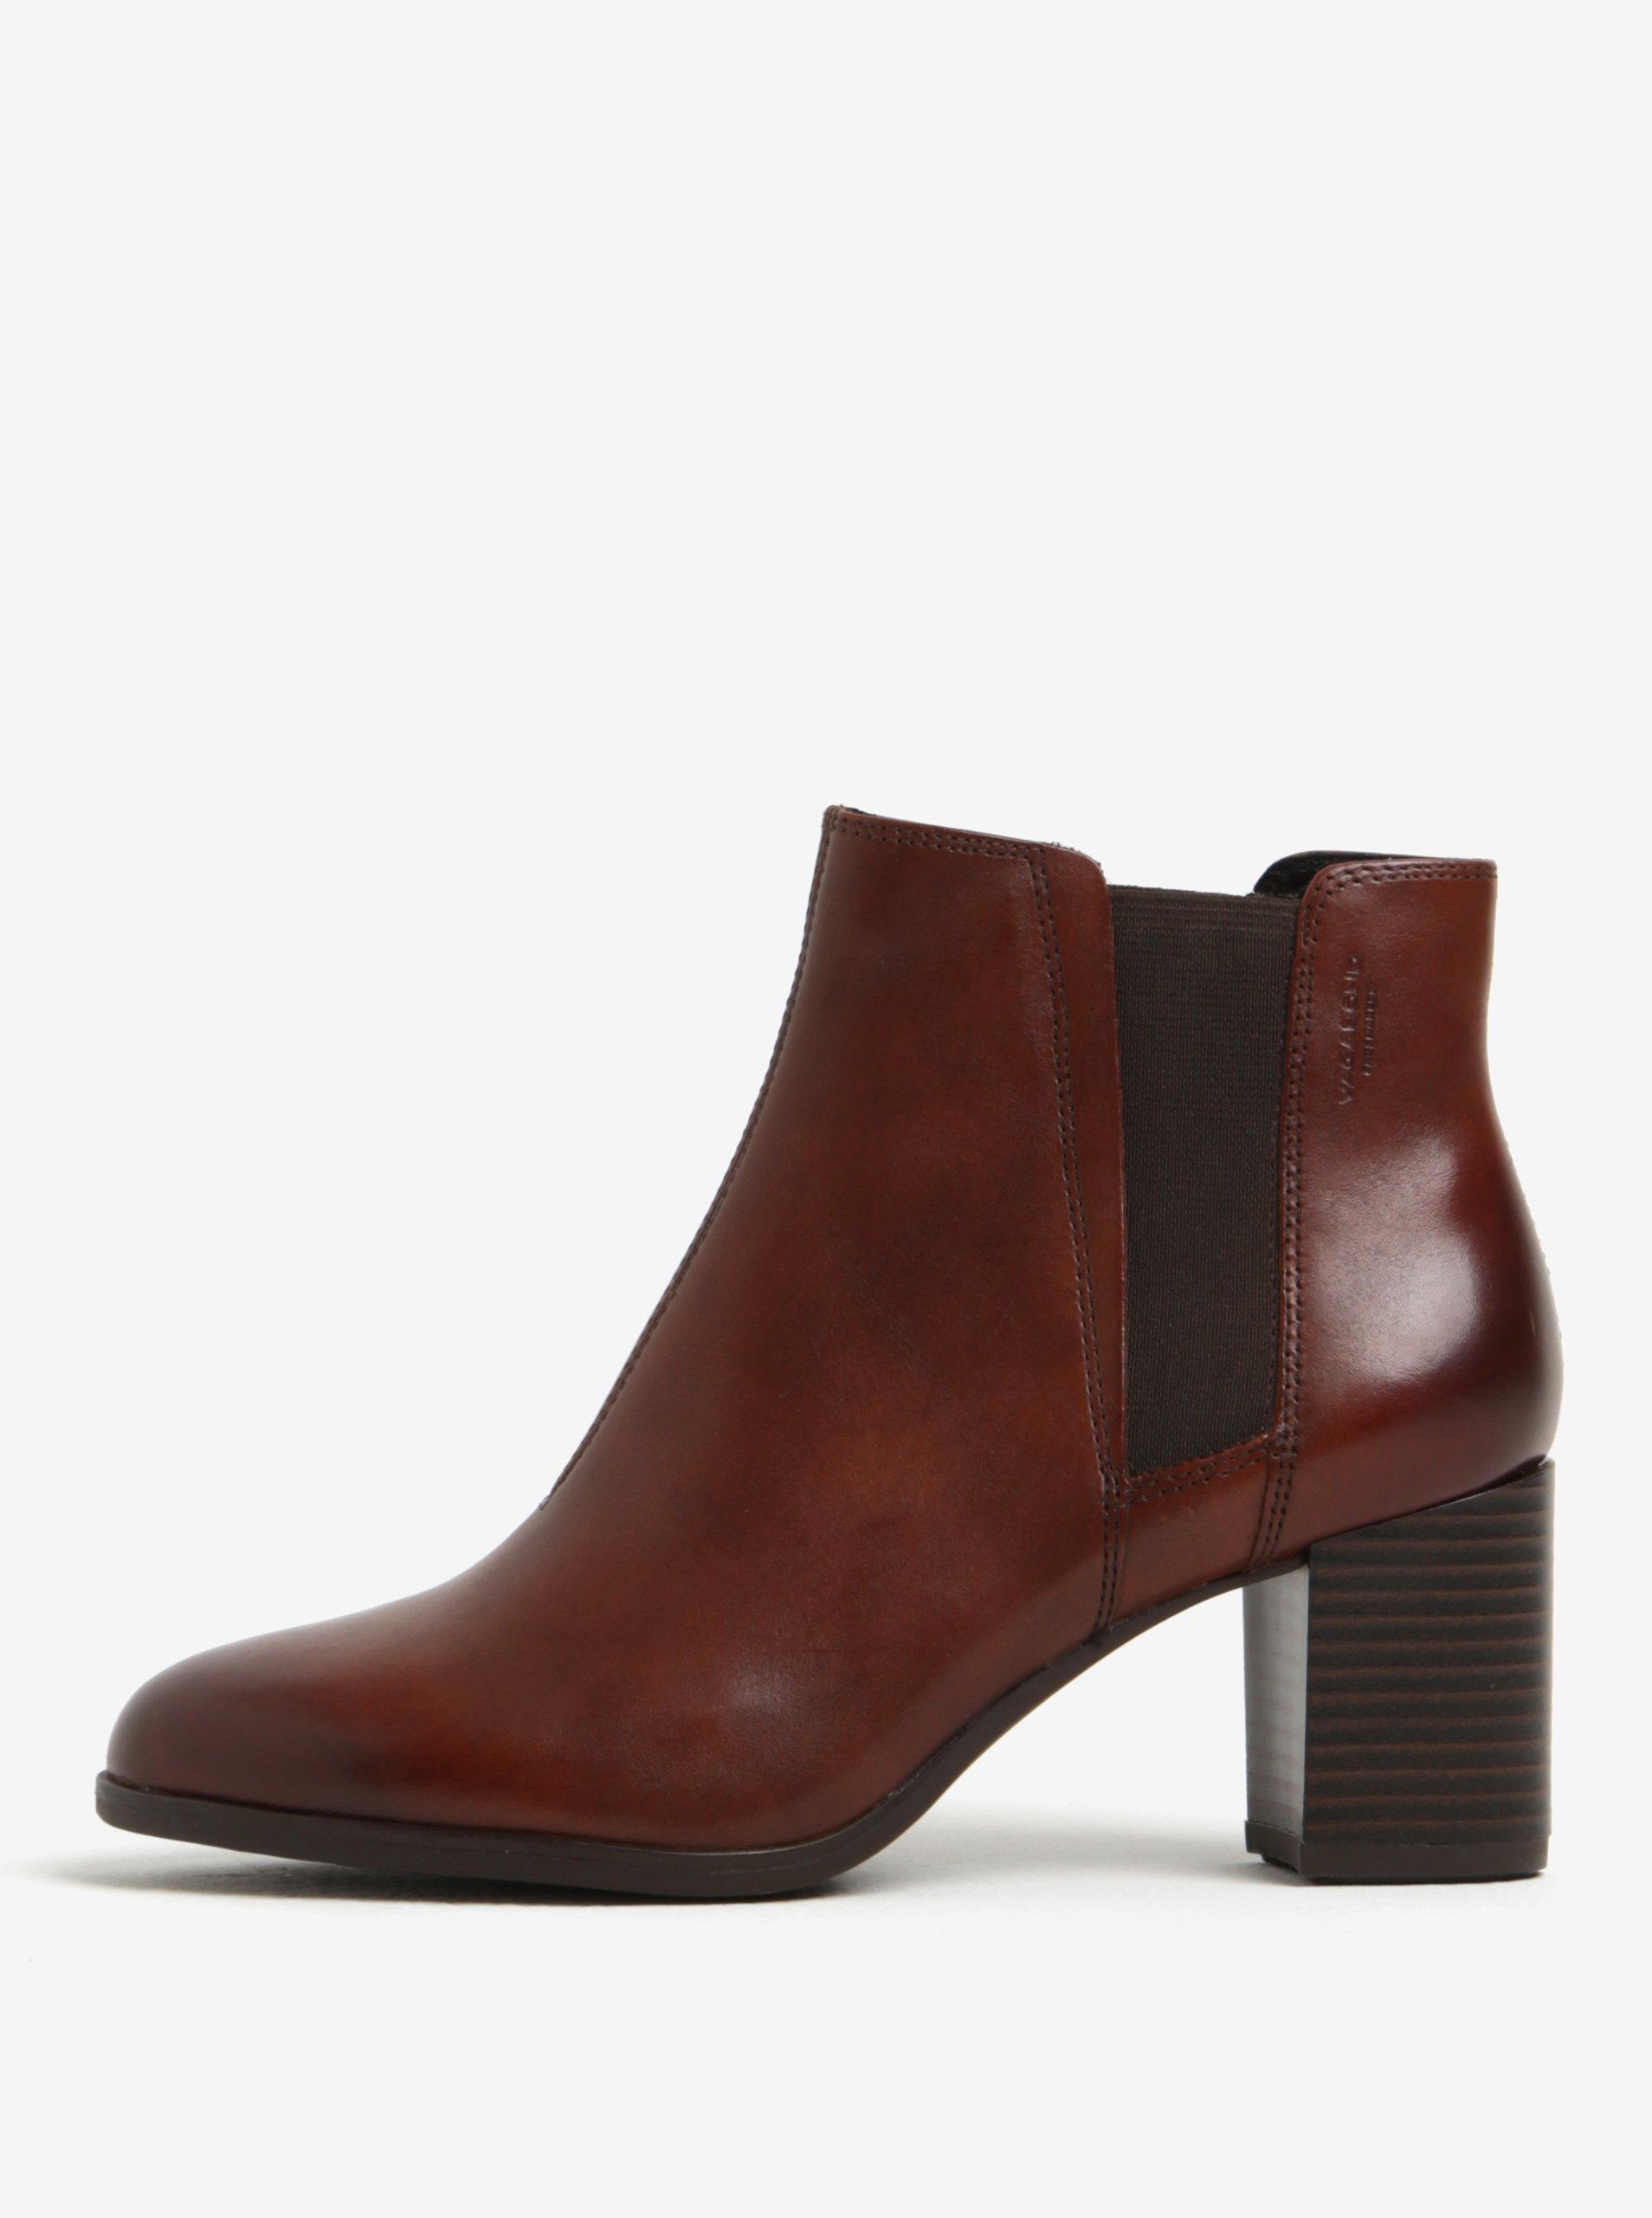 Hnědé dámské kožené chelsea boty Vagabond Lottie